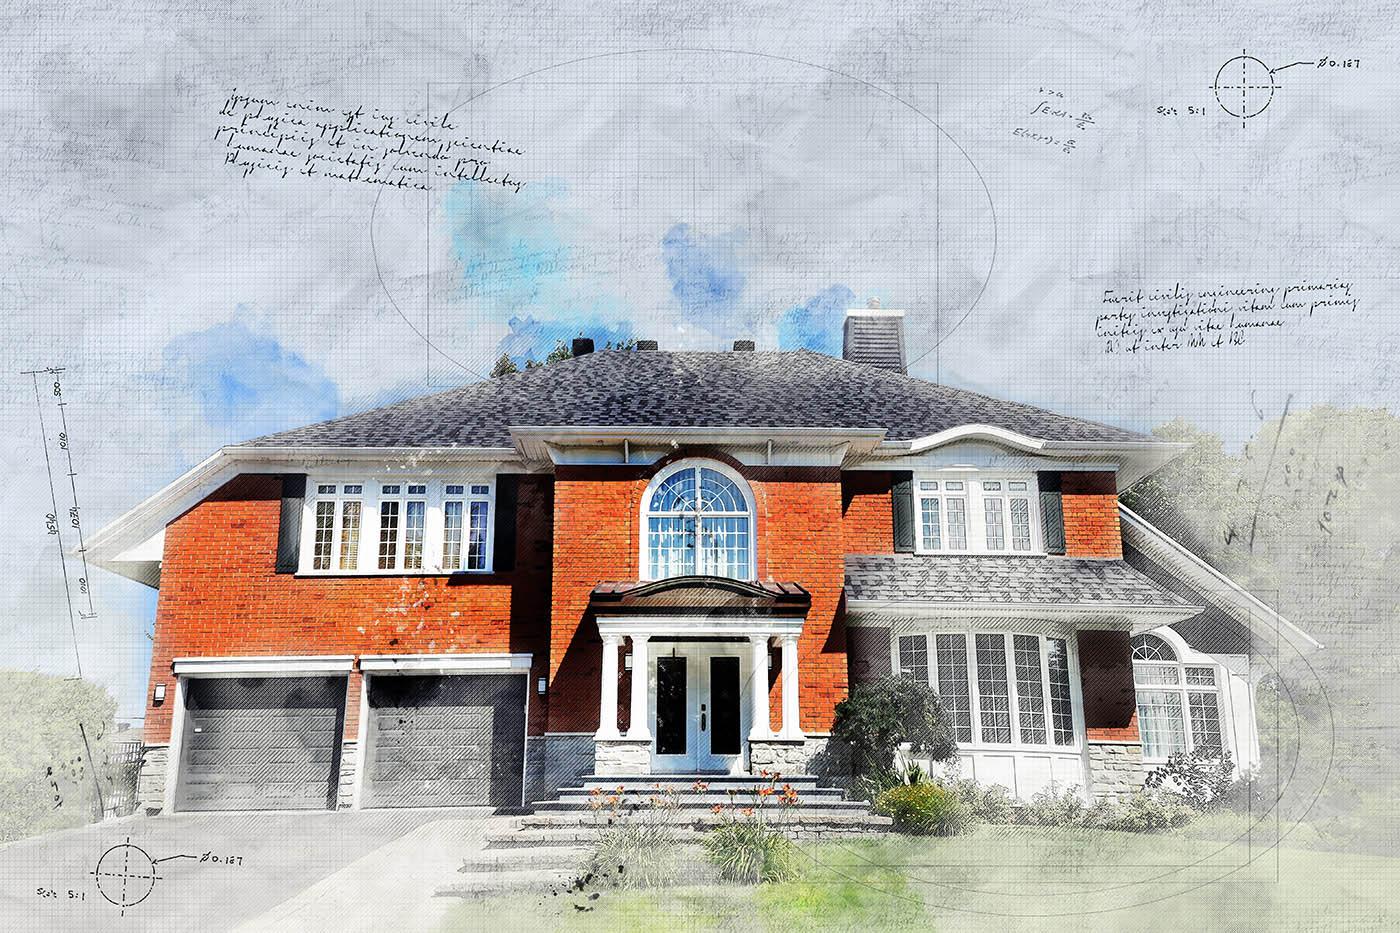 Large Luxury Habitation Sketch Image - Stock Photography